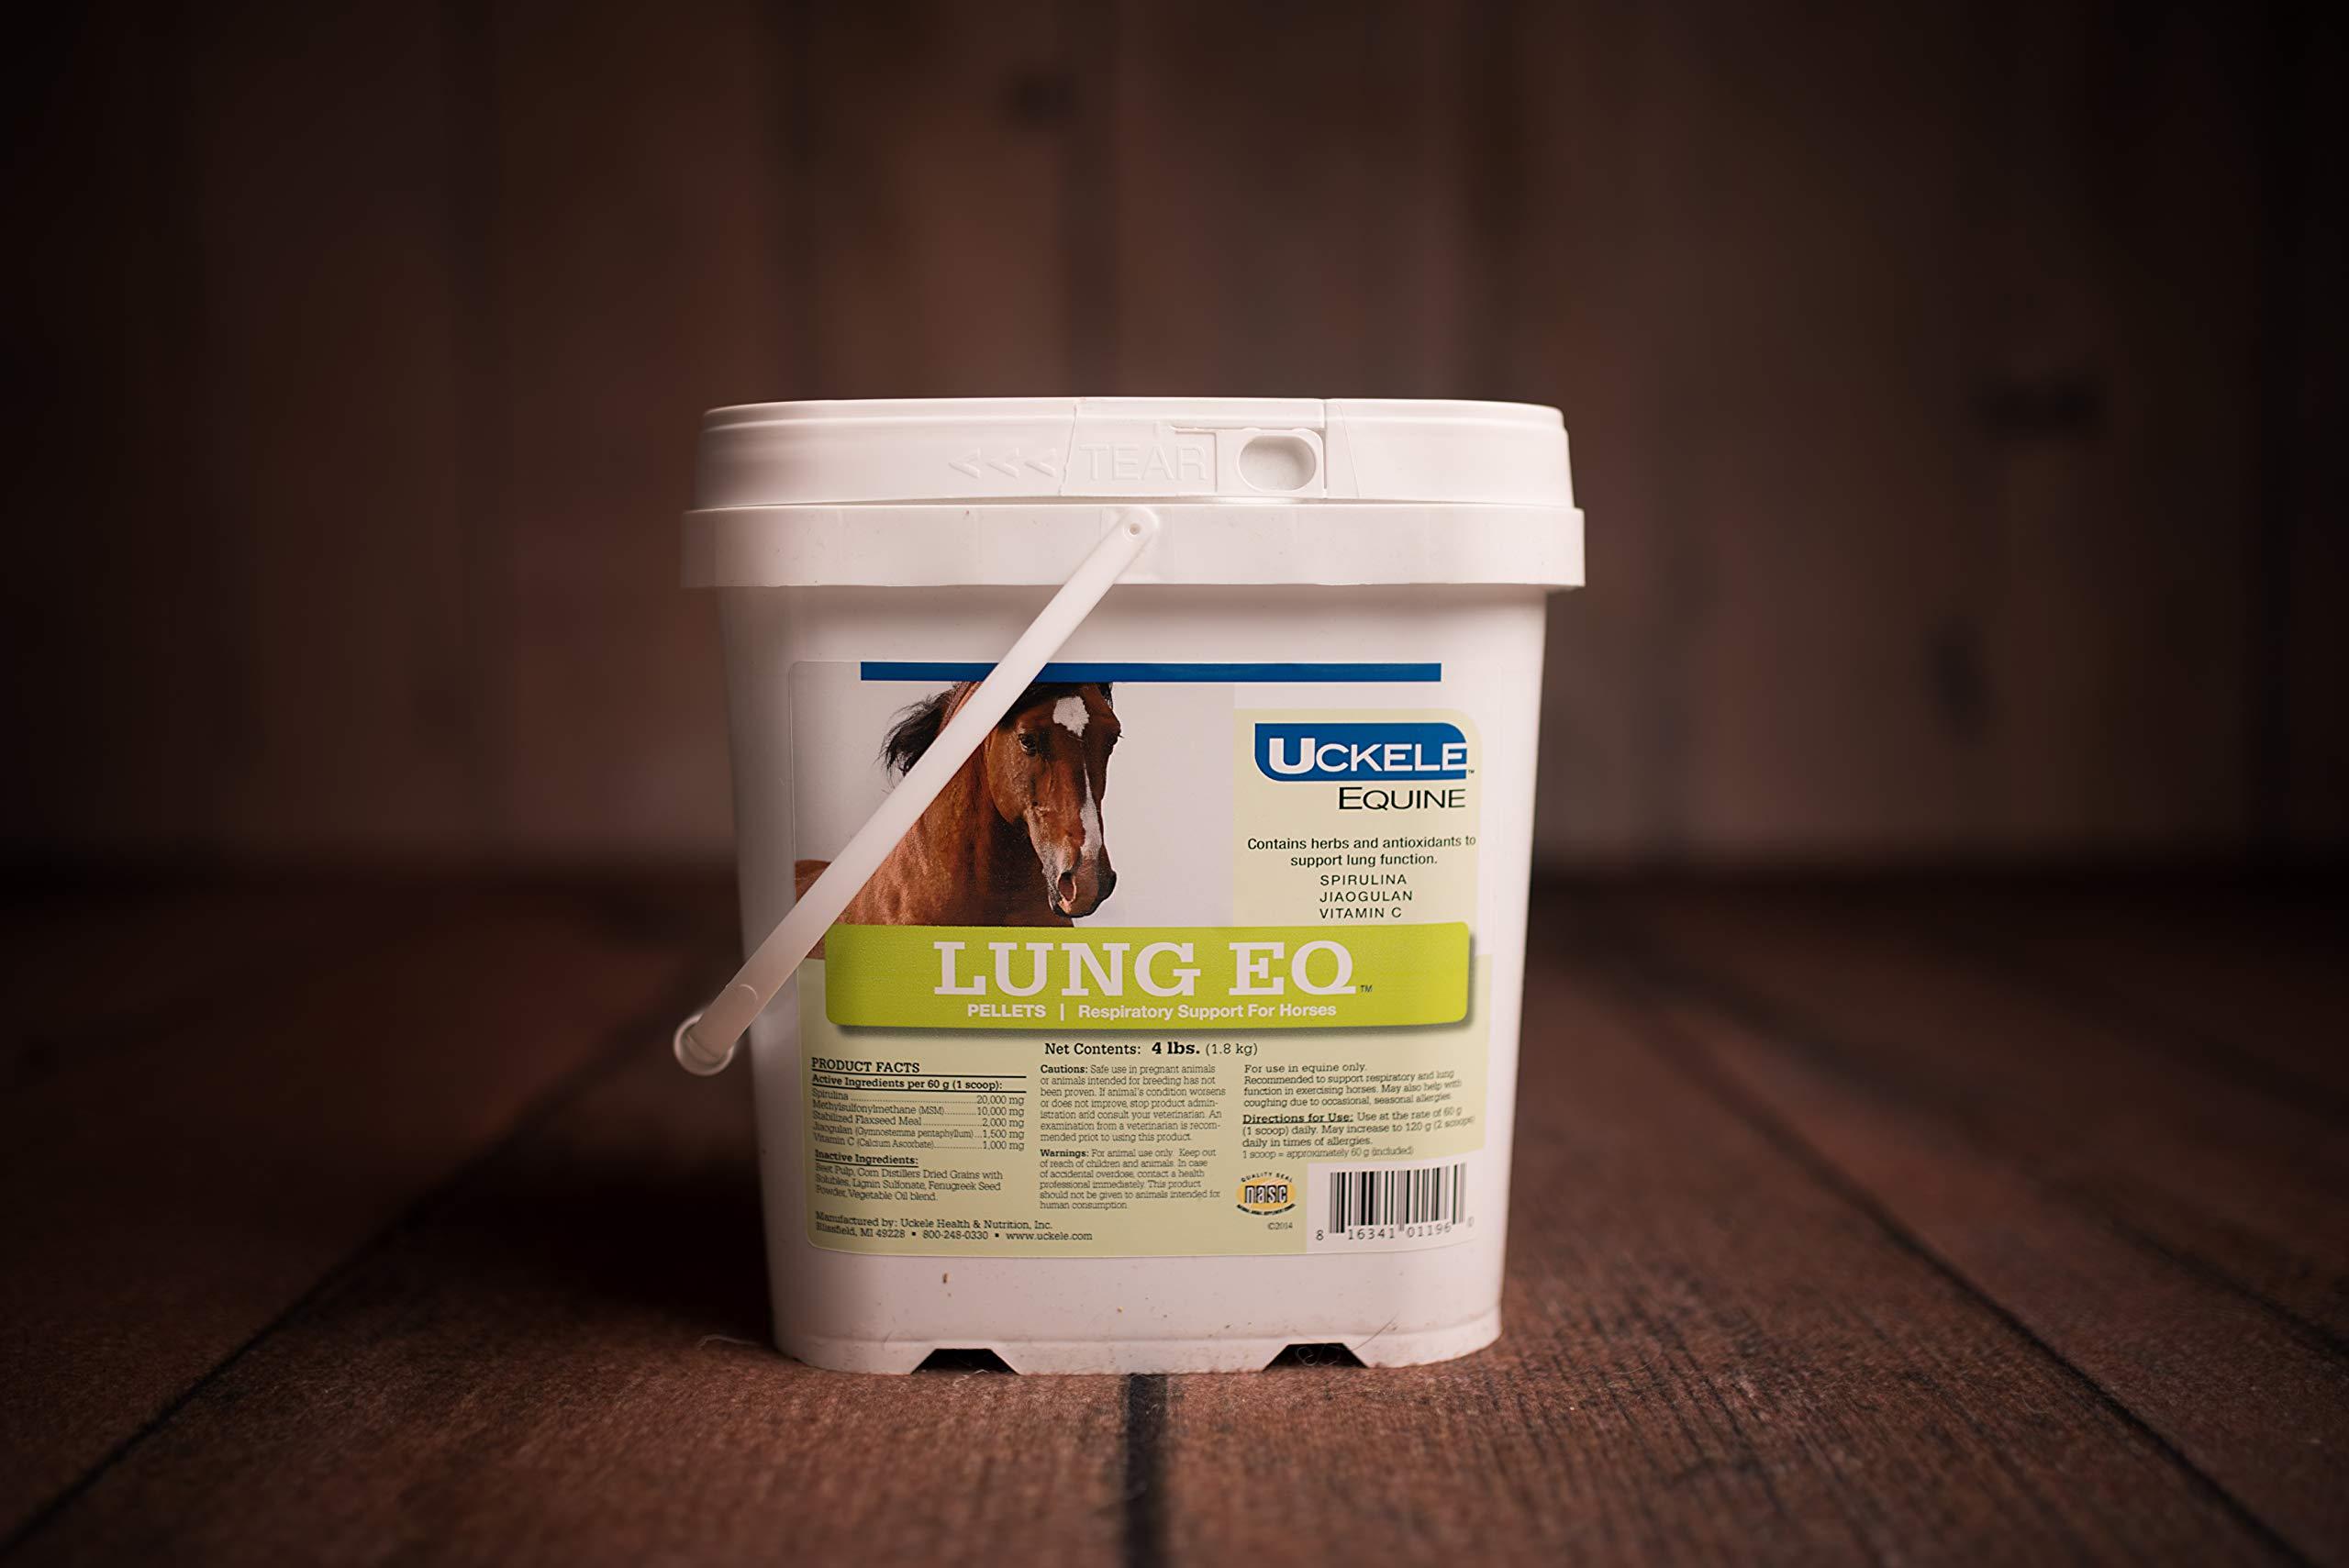 Uckele Lung EQ 4 lb